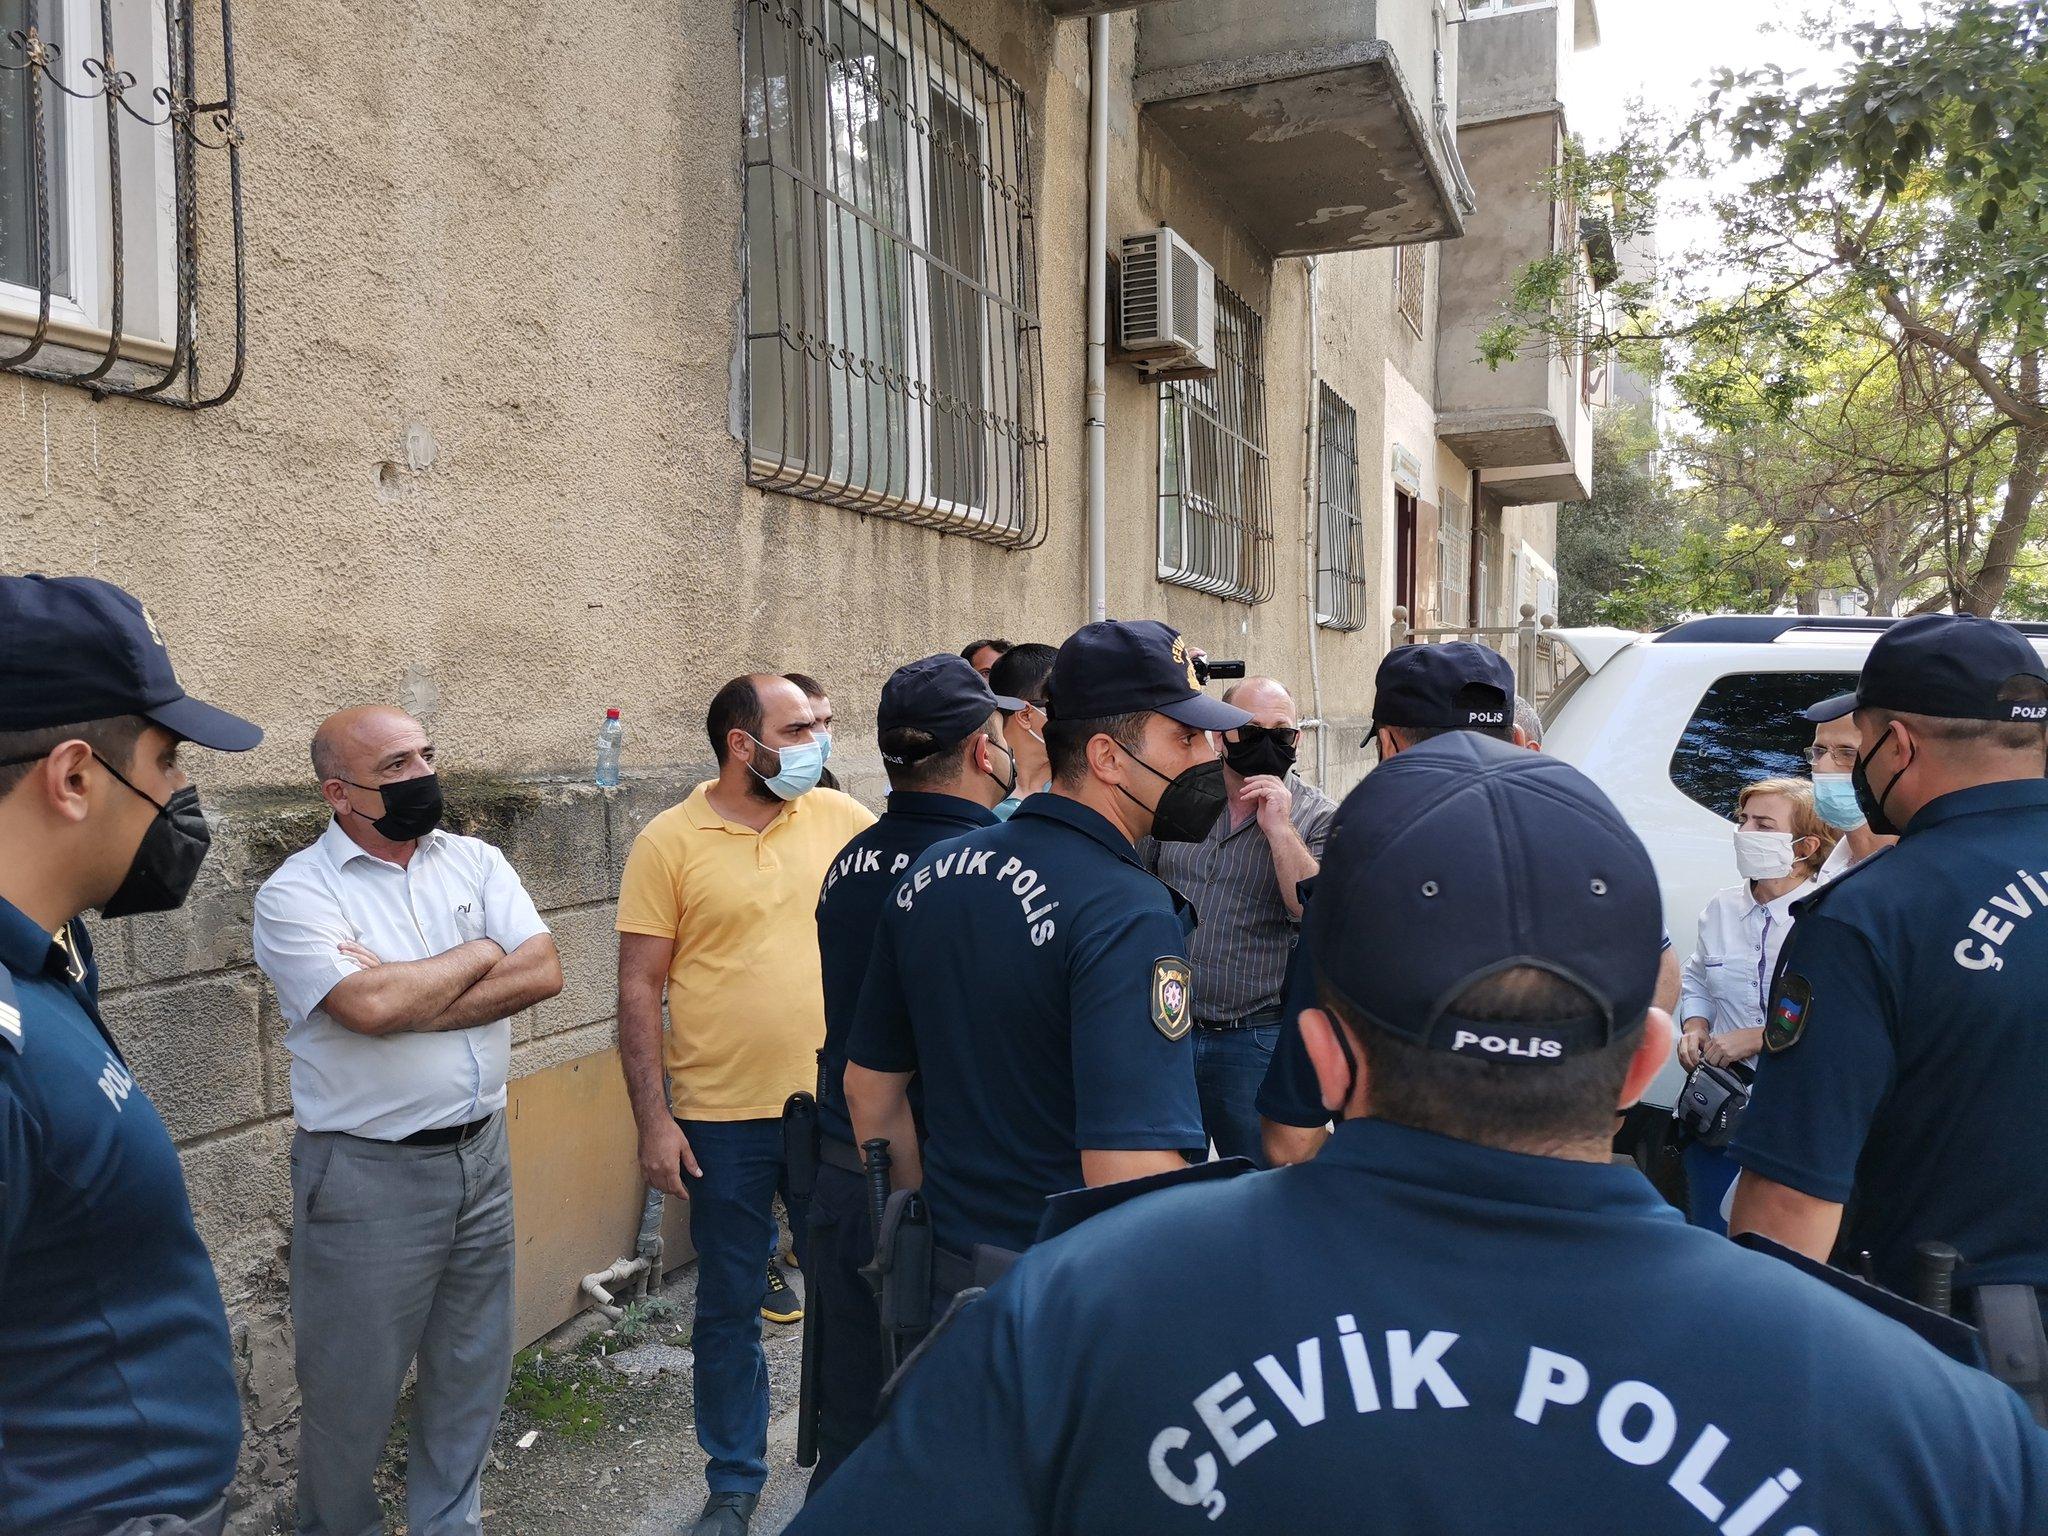 Ulviyya Ali On Twitter Cevik Polis Alayi Məhkəmənin Onundə Toplasmaga Imkan Vermir